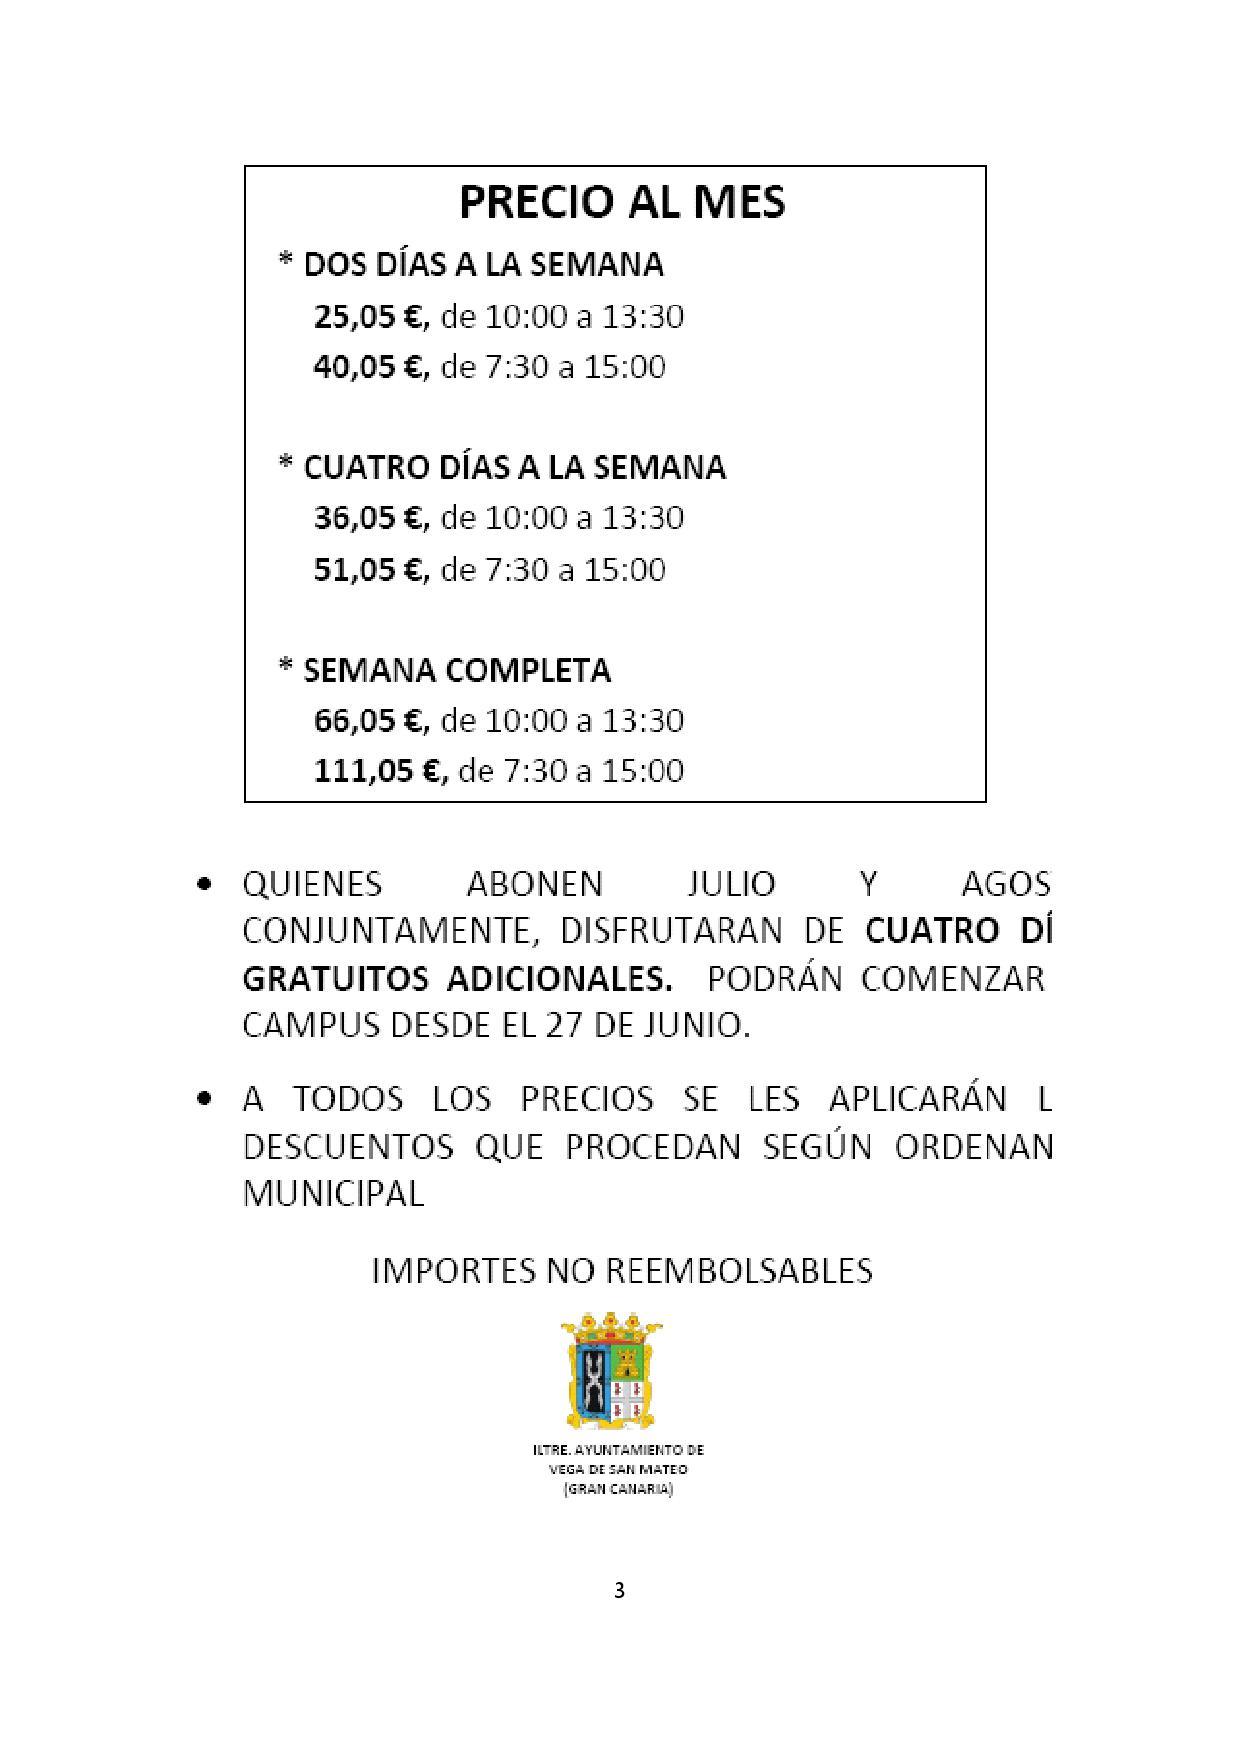 CAMPUS DE VERANO 2016 deportes san mateo3